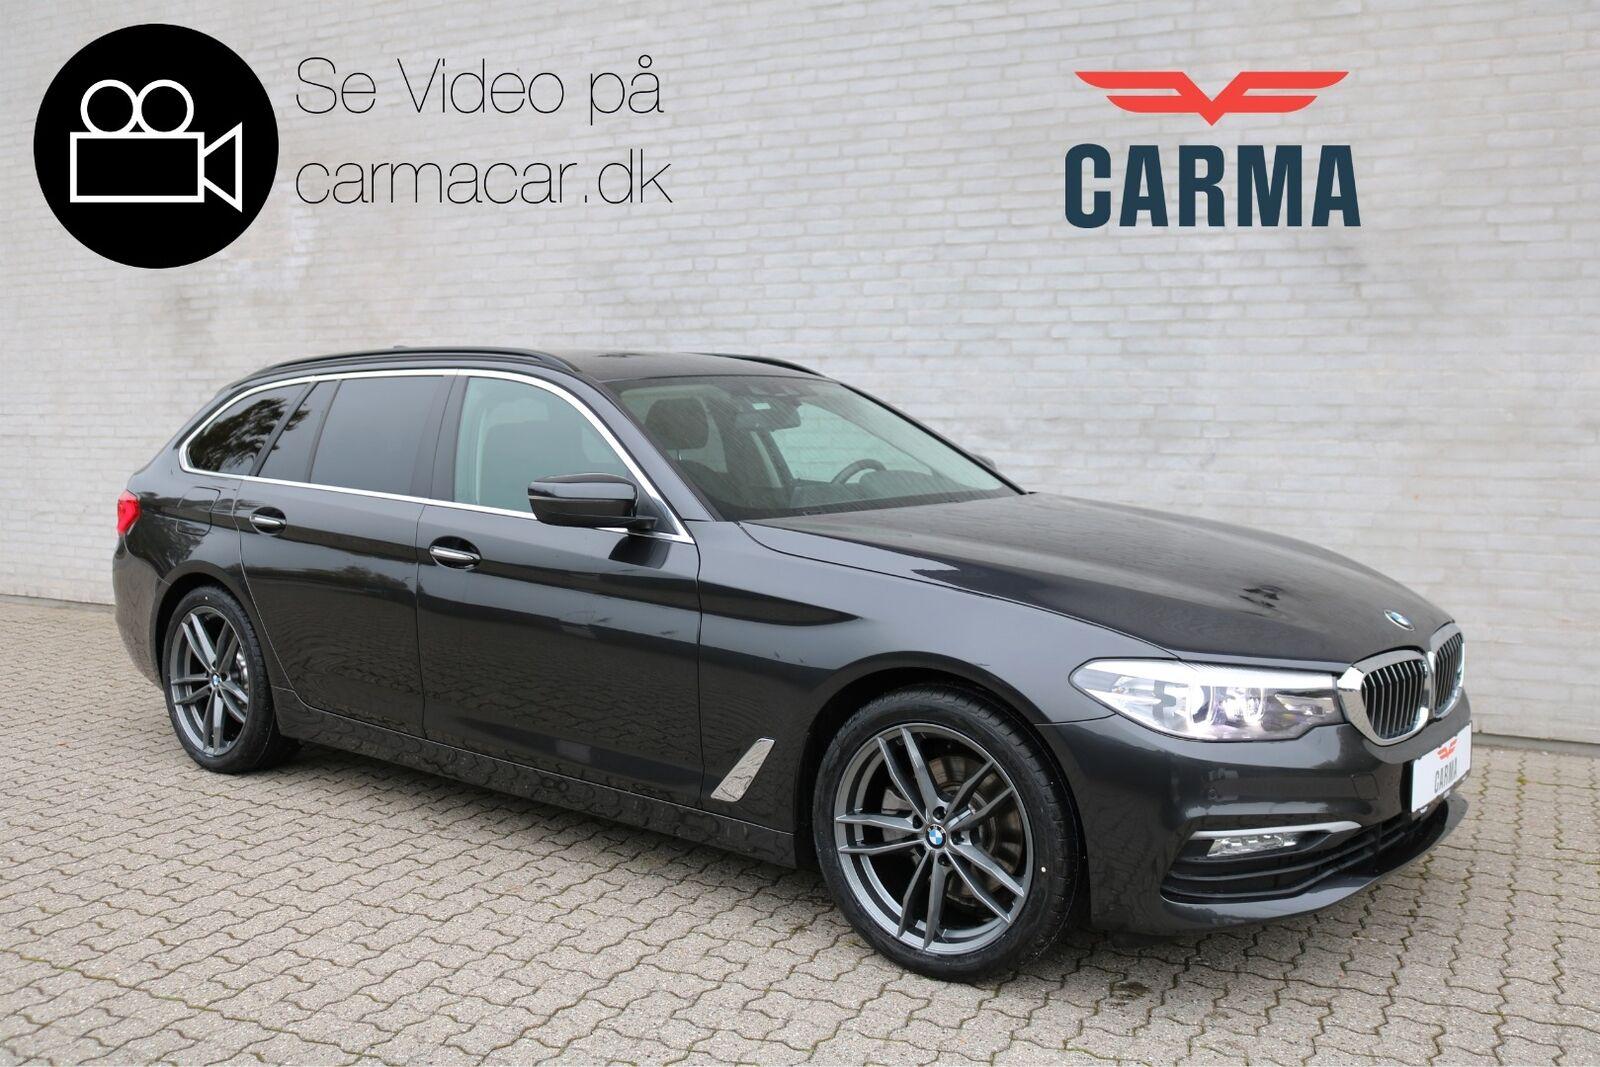 BMW 520d 2,0 Touring aut. 5d - 3.049 kr.